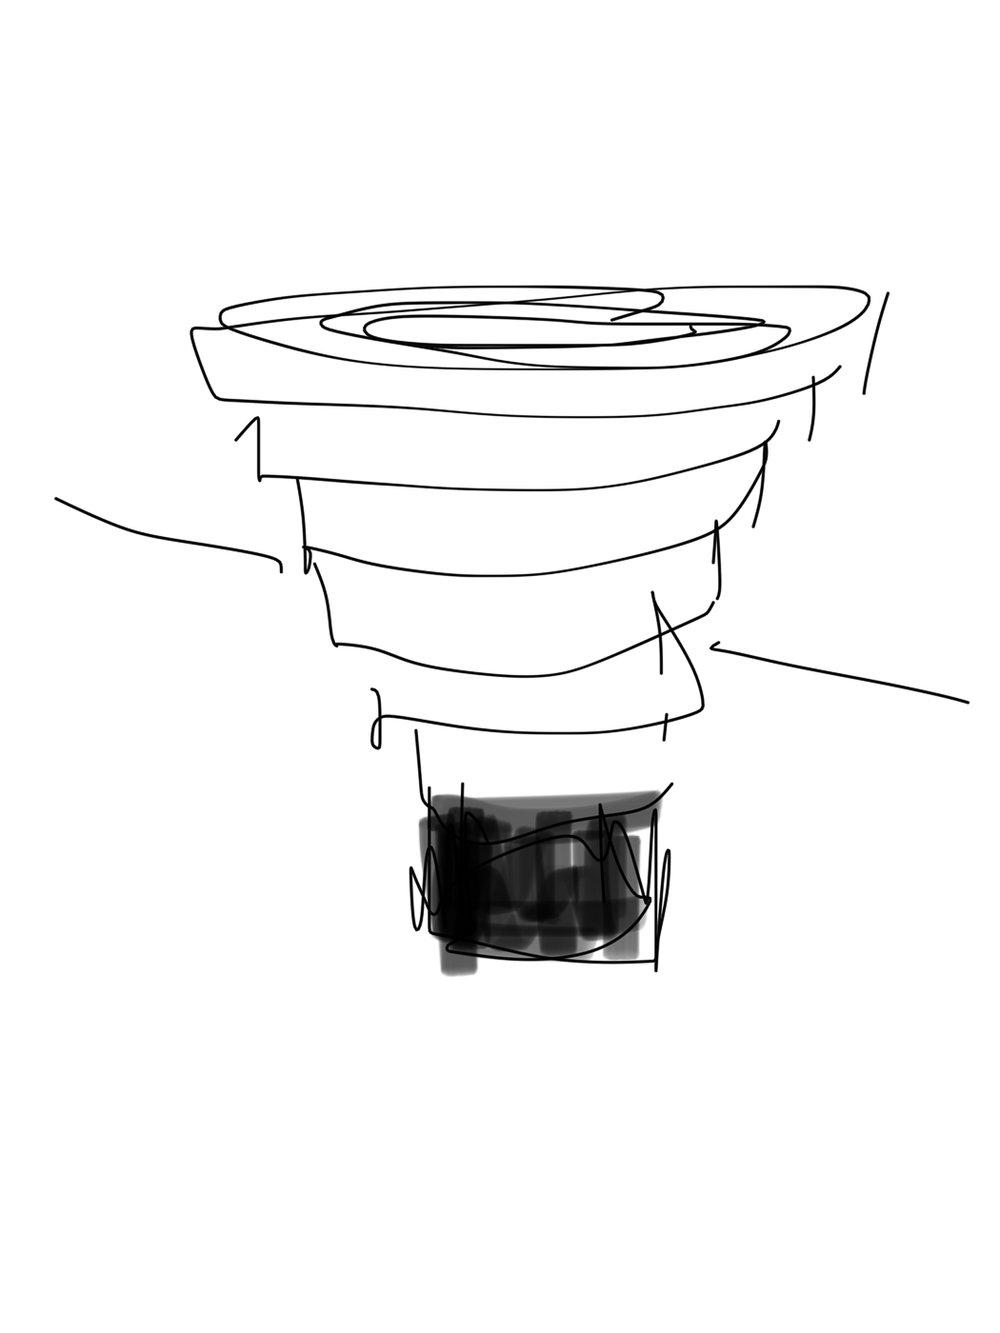 Sketch-310.jpg